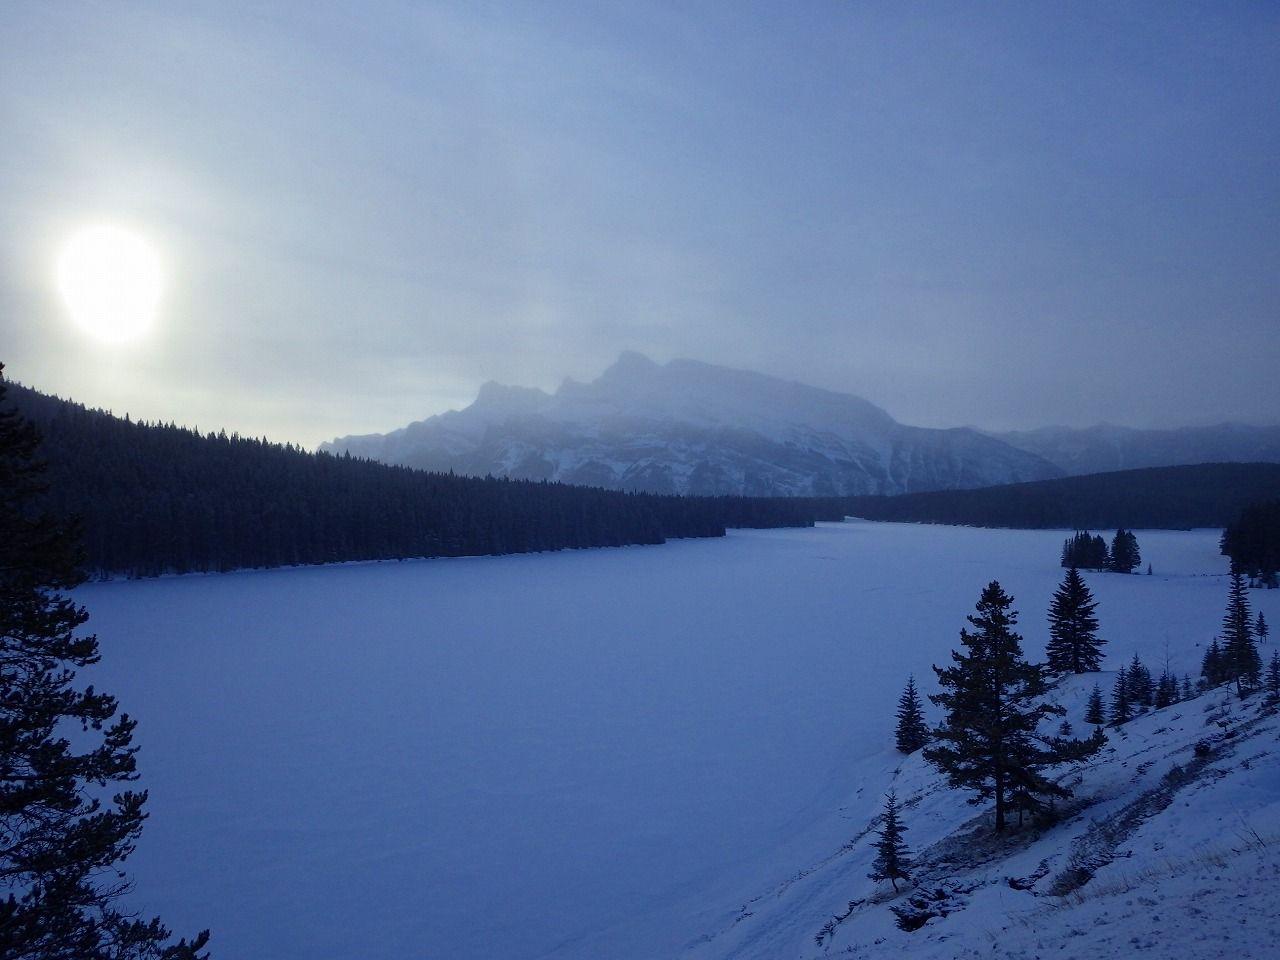 少し足を延ばして、氷結したトゥージャック湖とジョンソン湖にも立ち寄ってみよう